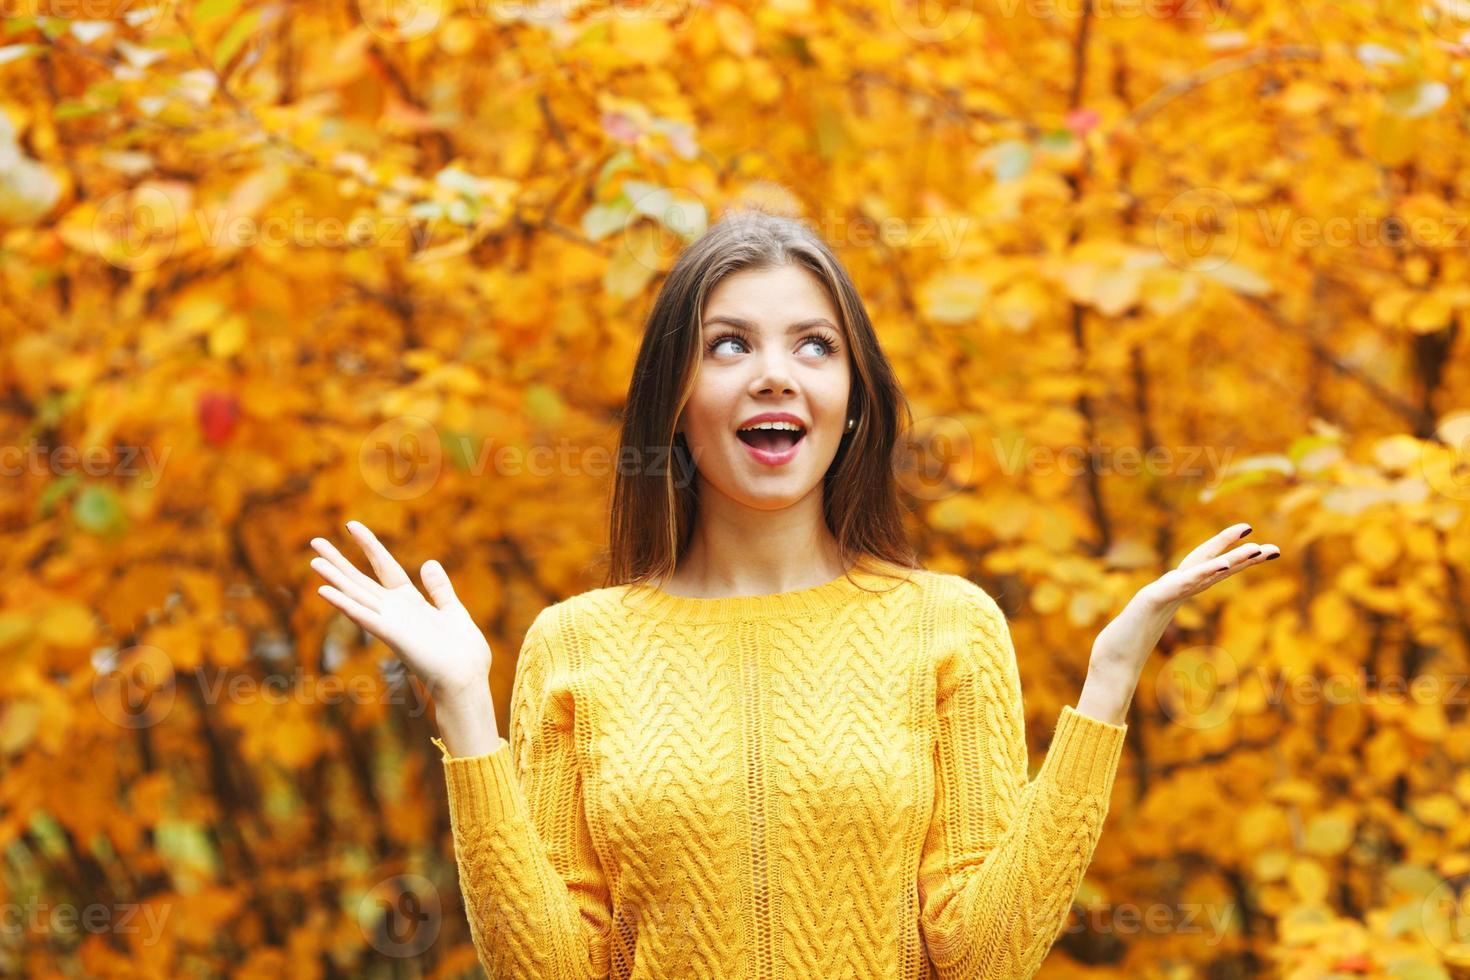 mujer otoño foto